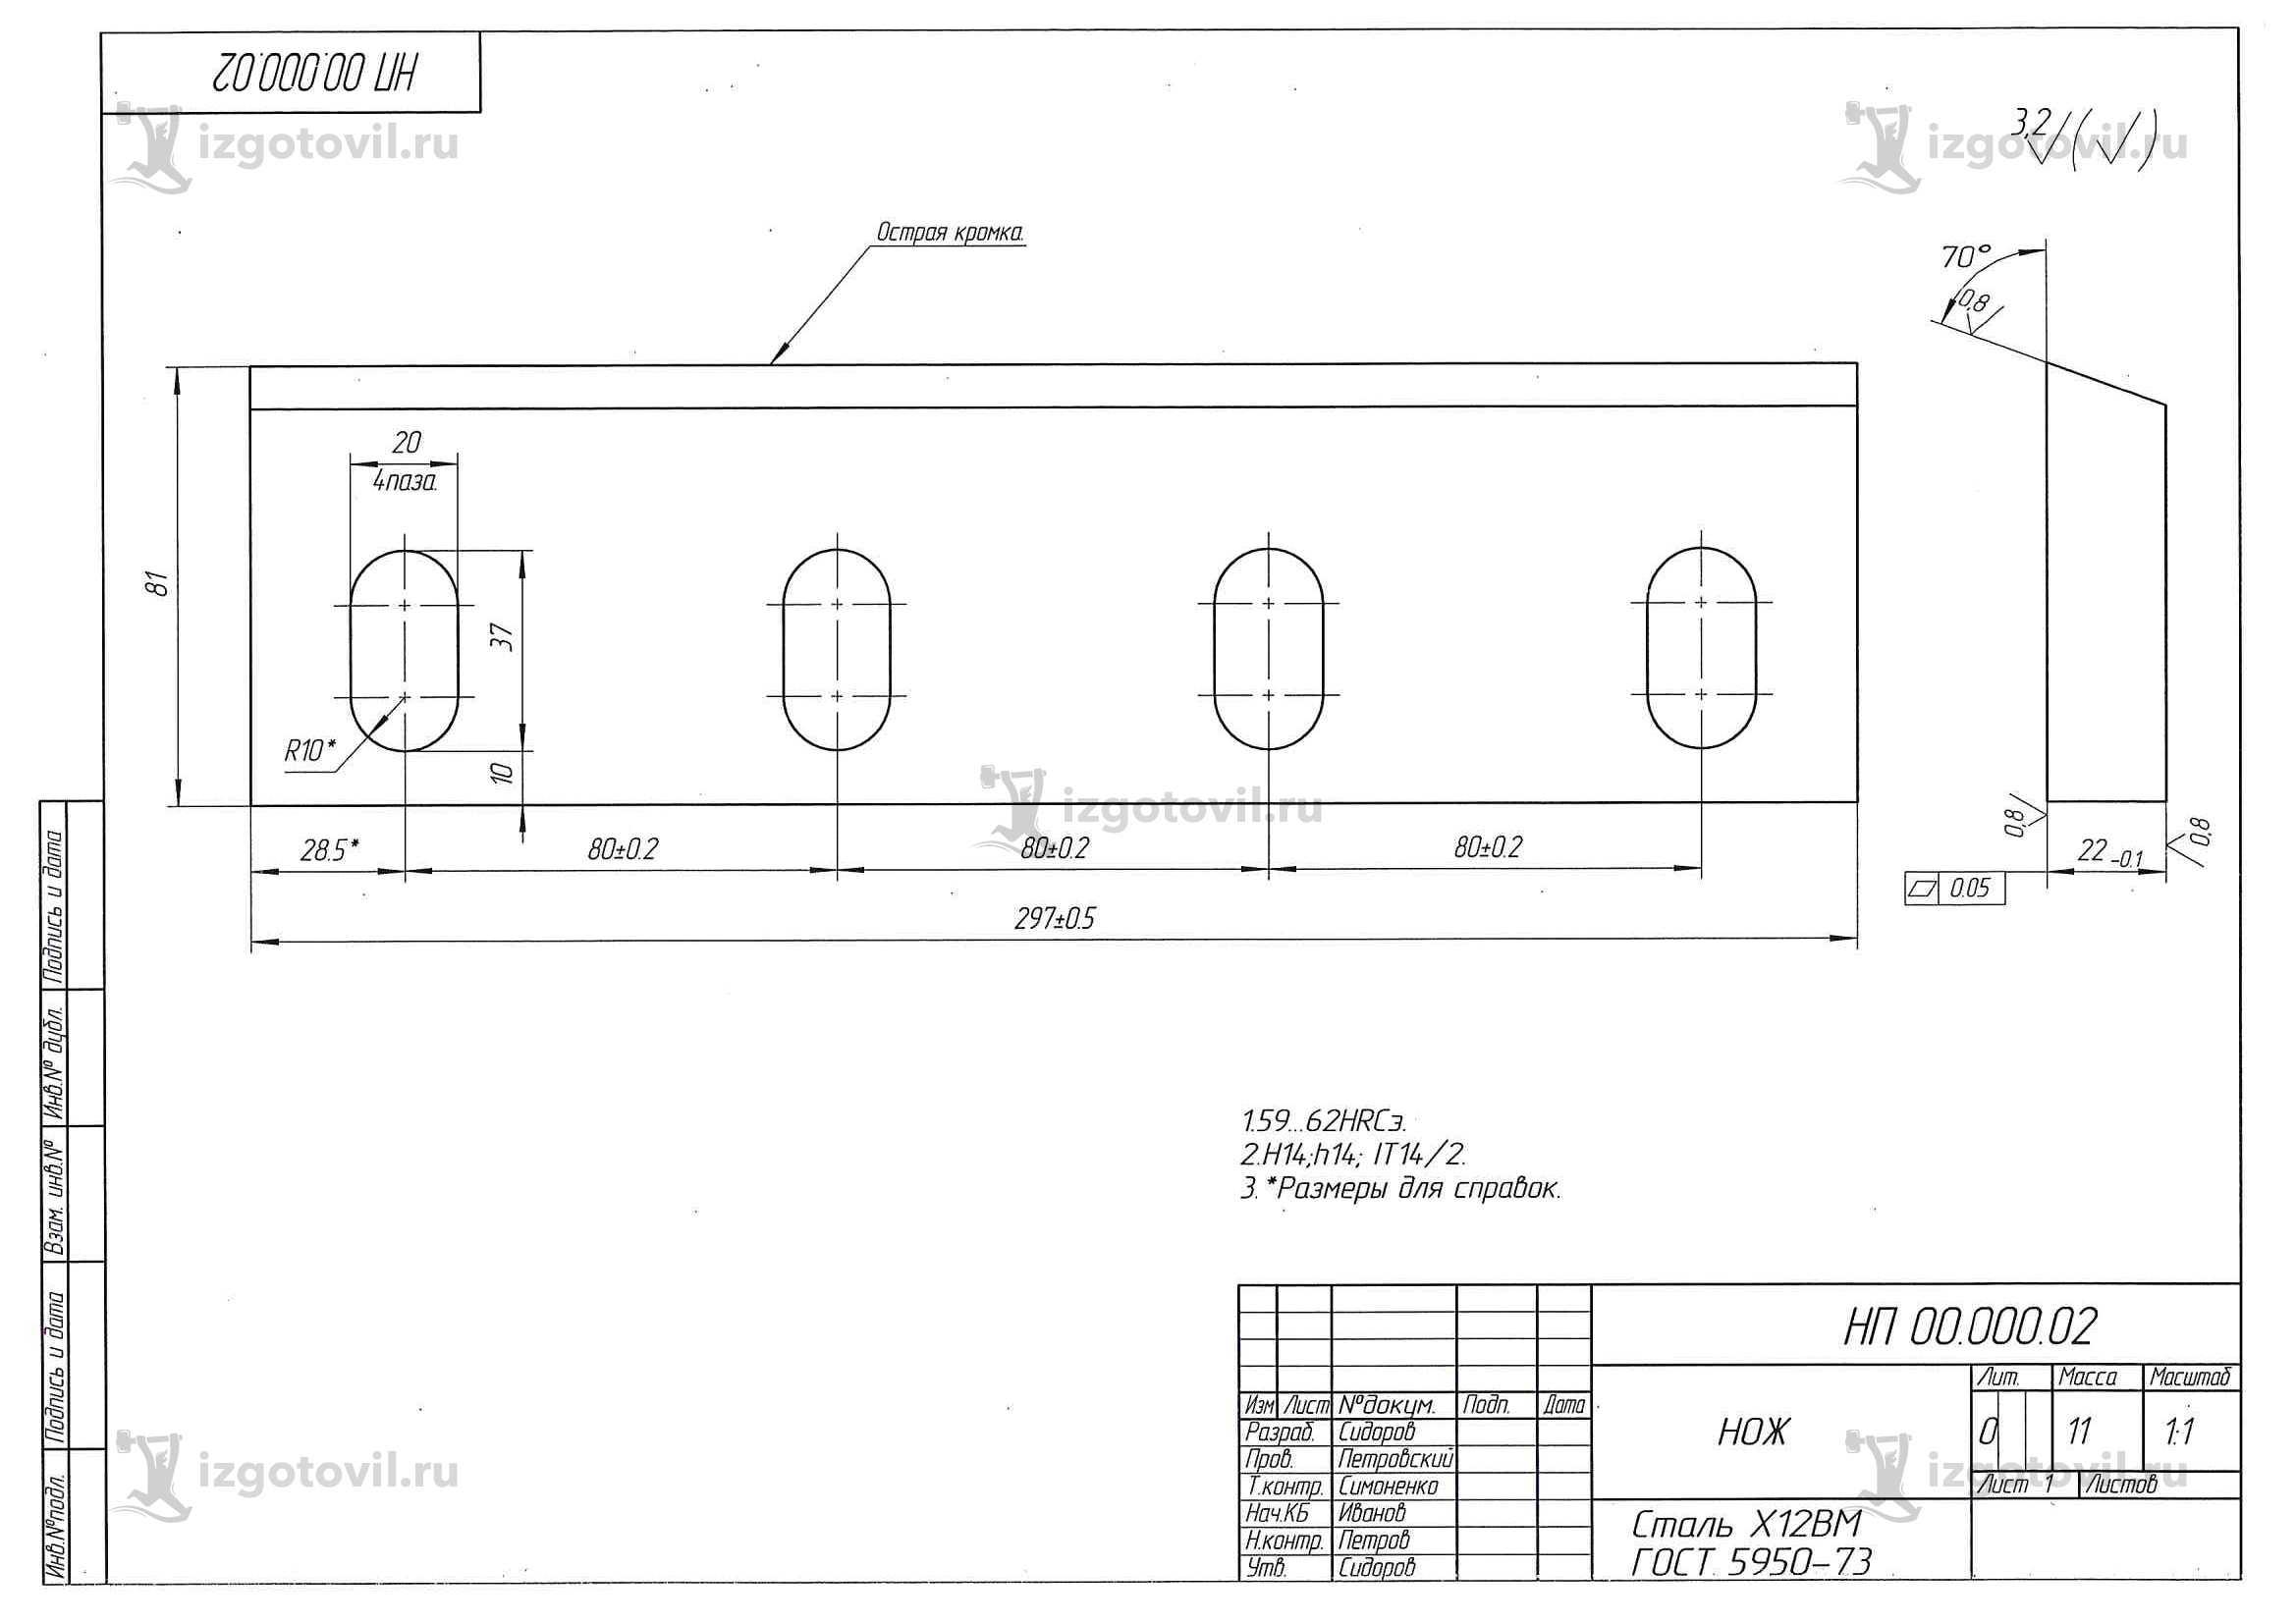 Изготовление деталей оборудования (комплектножей для дробилки)